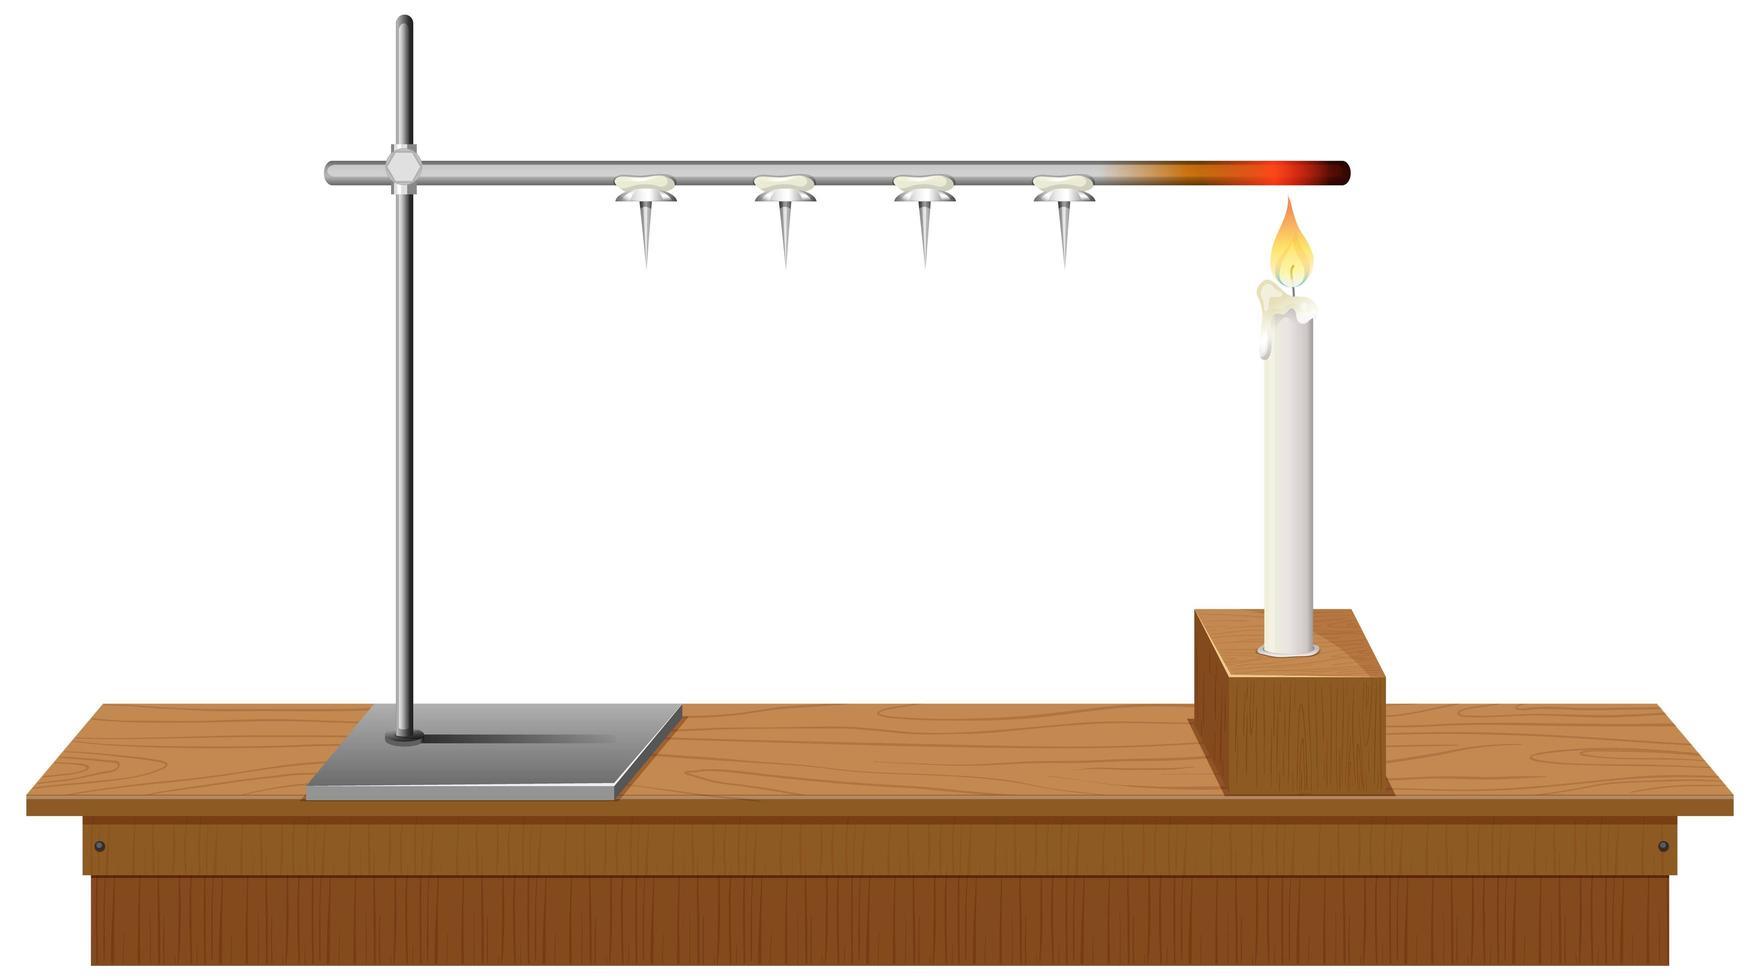 supporto da laboratorio su sfondo bianco scrivania vettore